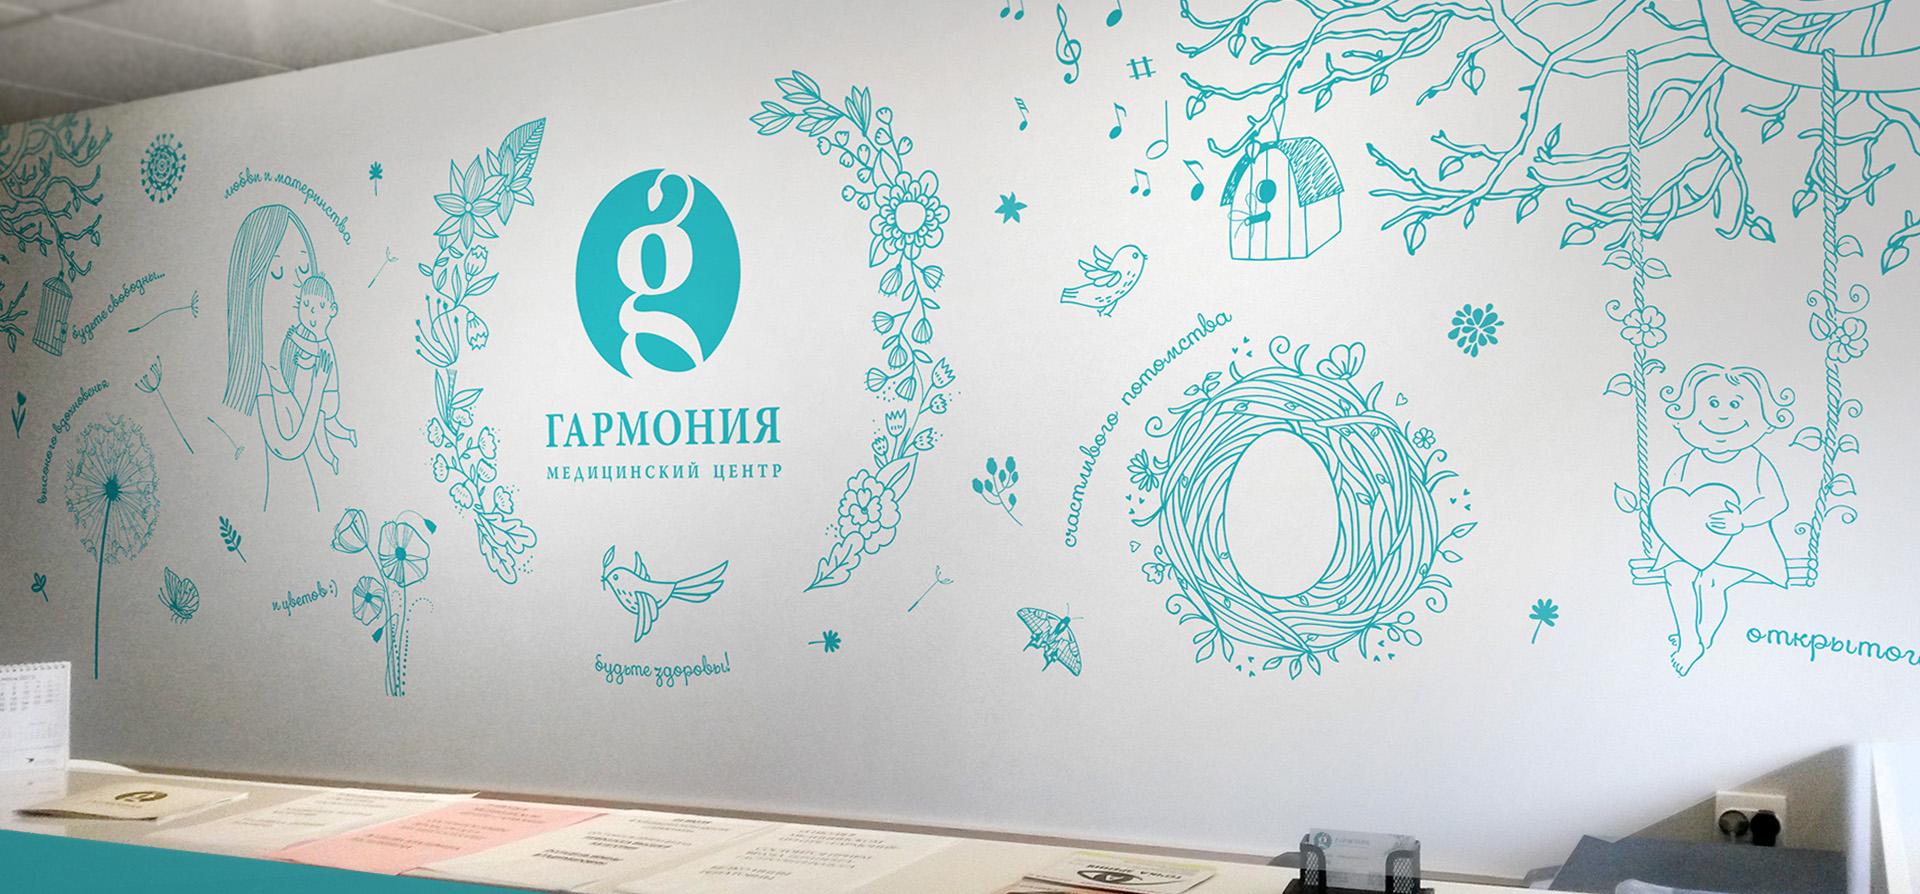 Разработка брендбука медицинского центра «Гармония», Беларусь